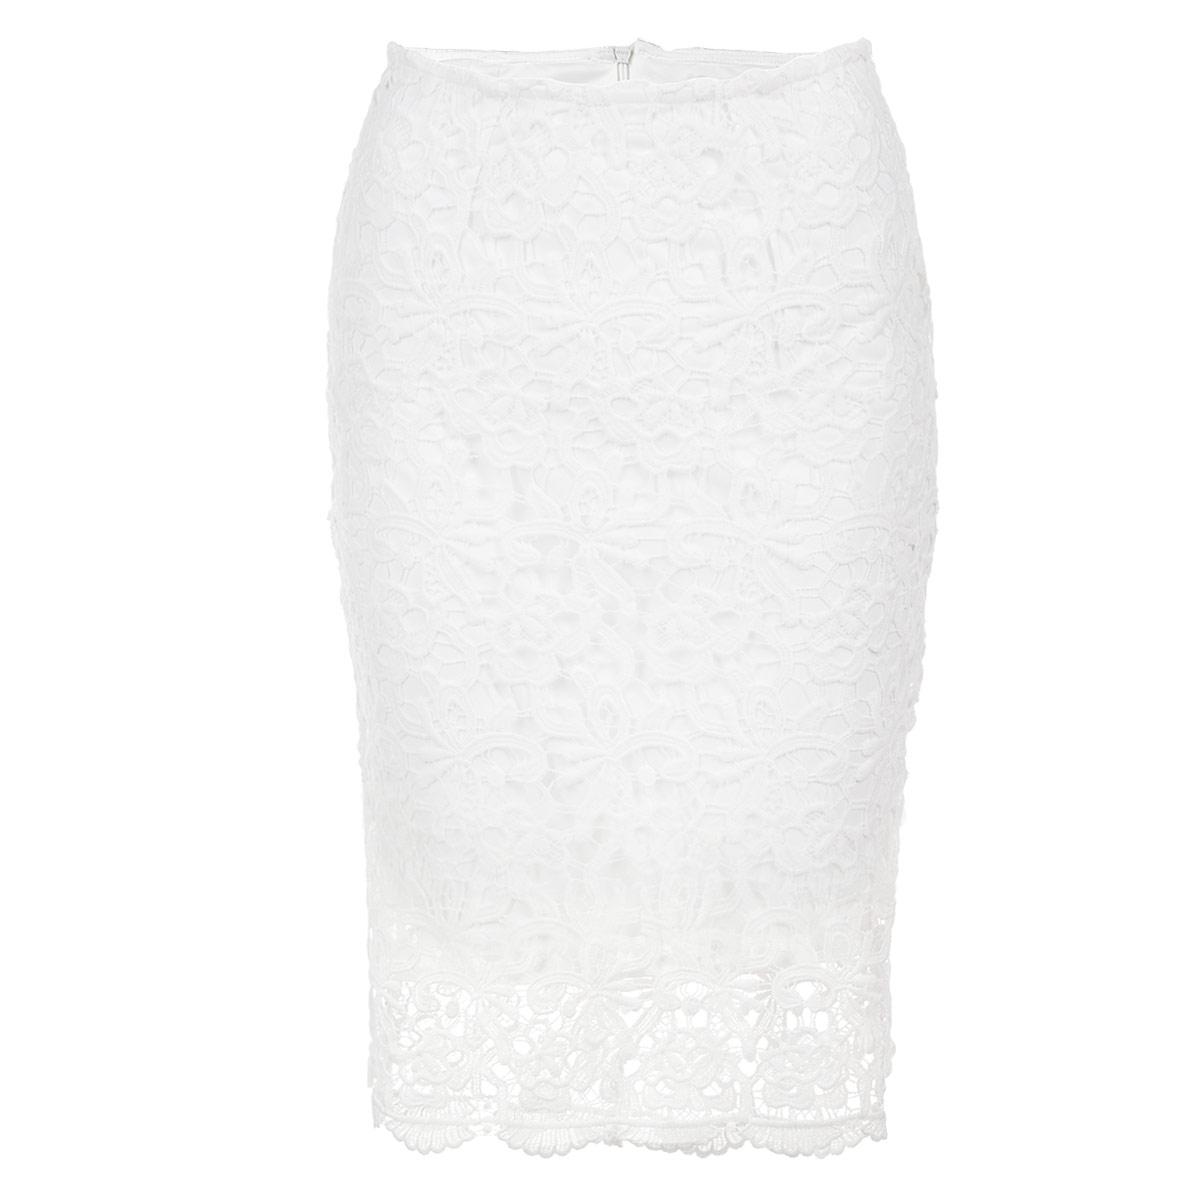 ЮбкаSSD0828BIЯркая юбка Top Secret выполнена из высококачественного мягкого полиэстера. Очаровательная юбка украшена крупным ажурным кружевом. Она застегивается на потайную застежку-молнию сзади и имеет подъюбник. Прямая юбка подчеркнет ваш силуэт и прекрасно подойдет к любому наряду. Стильная юбка выгодно освежит и разнообразит любой гардероб. Создайте женственный образ и подчеркните свою яркую индивидуальность!